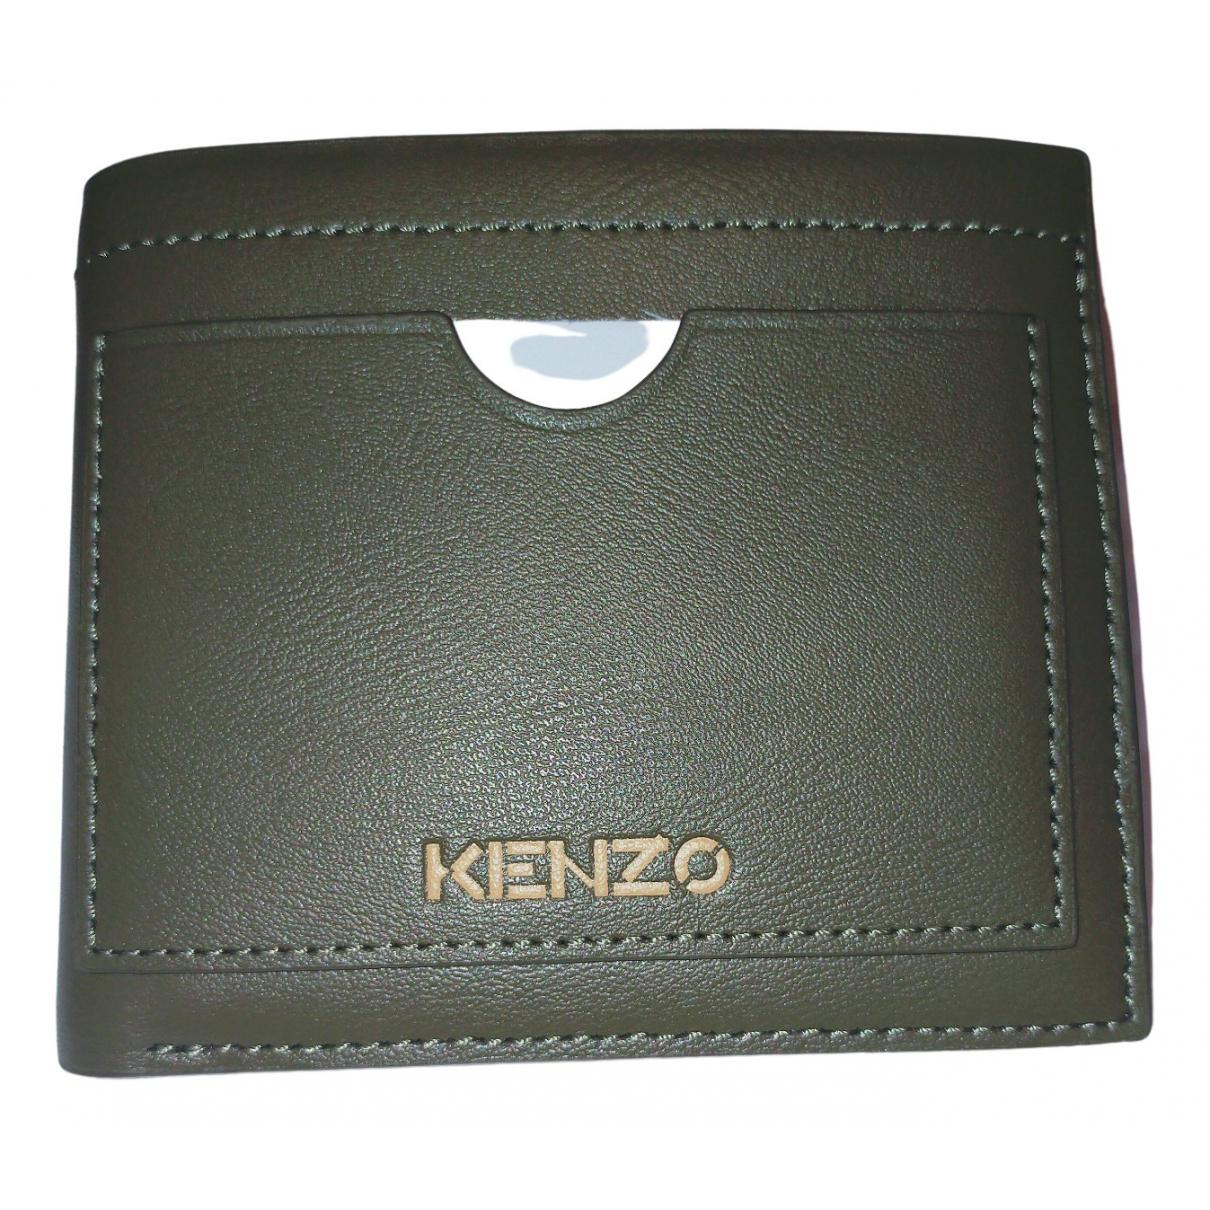 Marroquineria de Cuero Kenzo